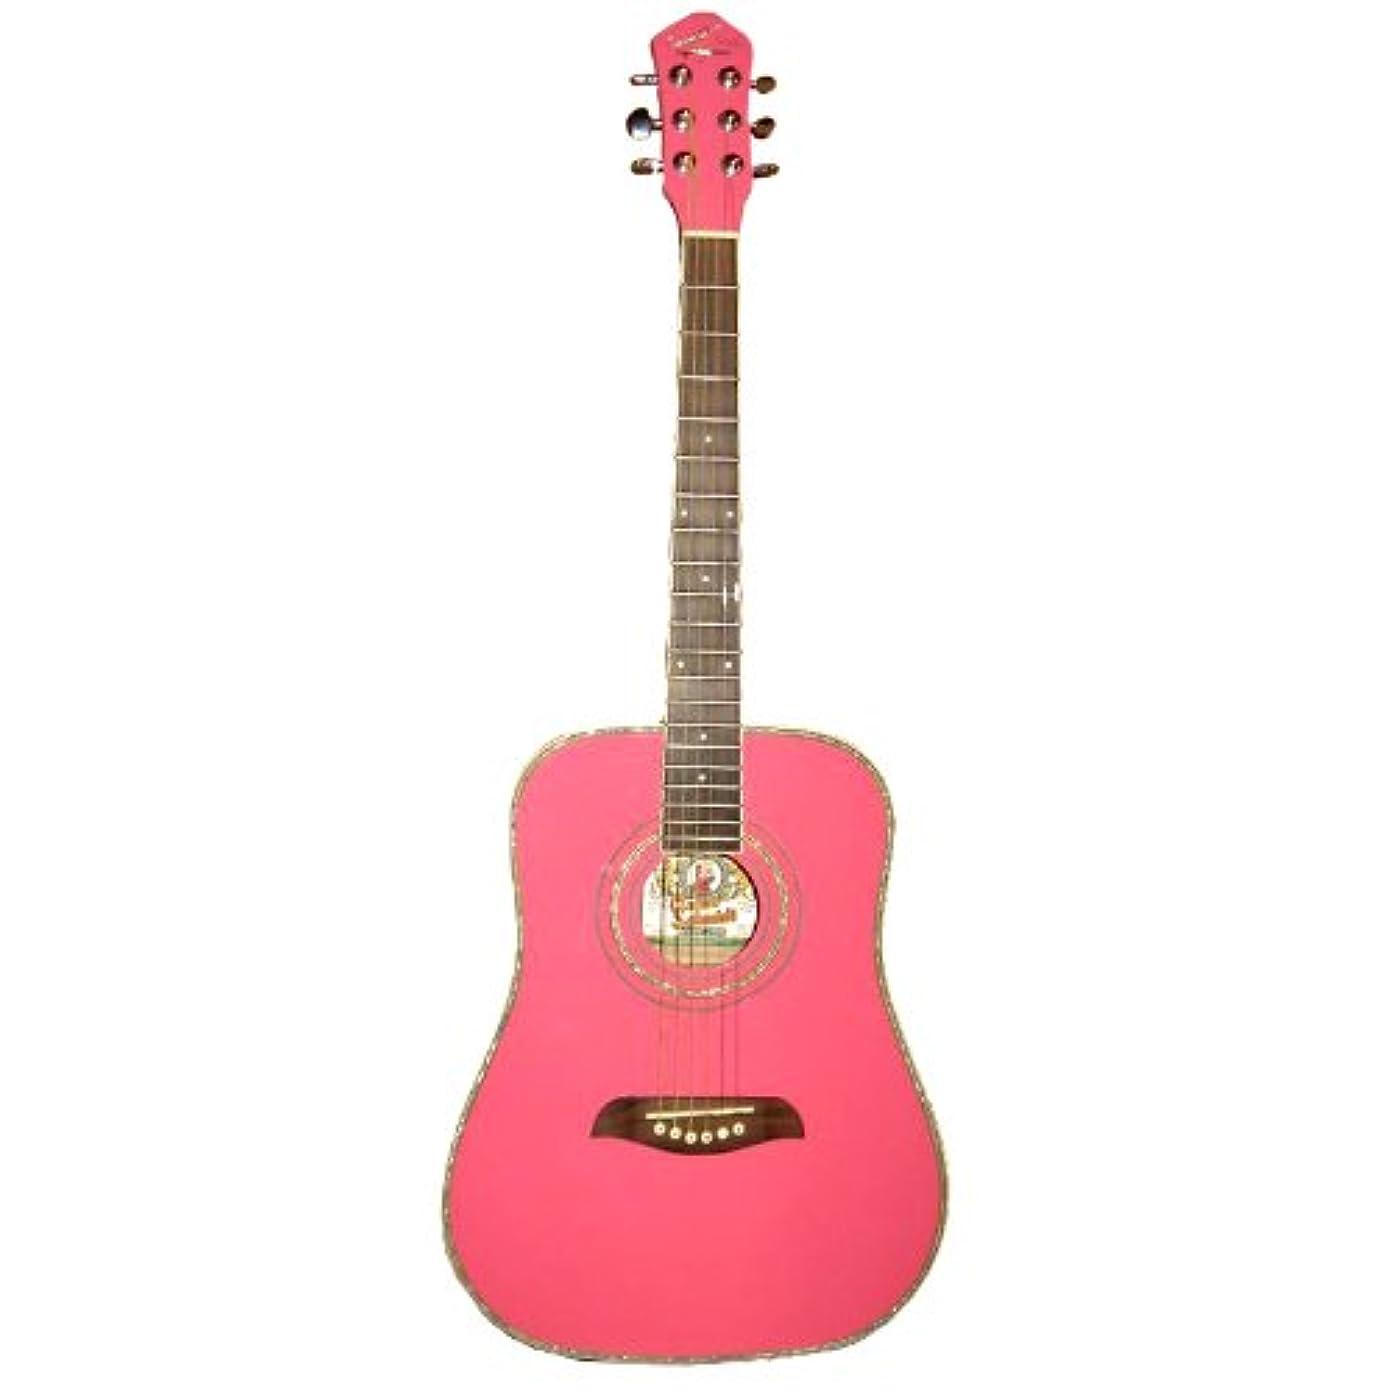 騒ぎアリーナ序文Oscar Schmidt オスカーシュミット OG1P アコースティックギター - Pink アコースティックギター アコギ ギター (並行輸入)